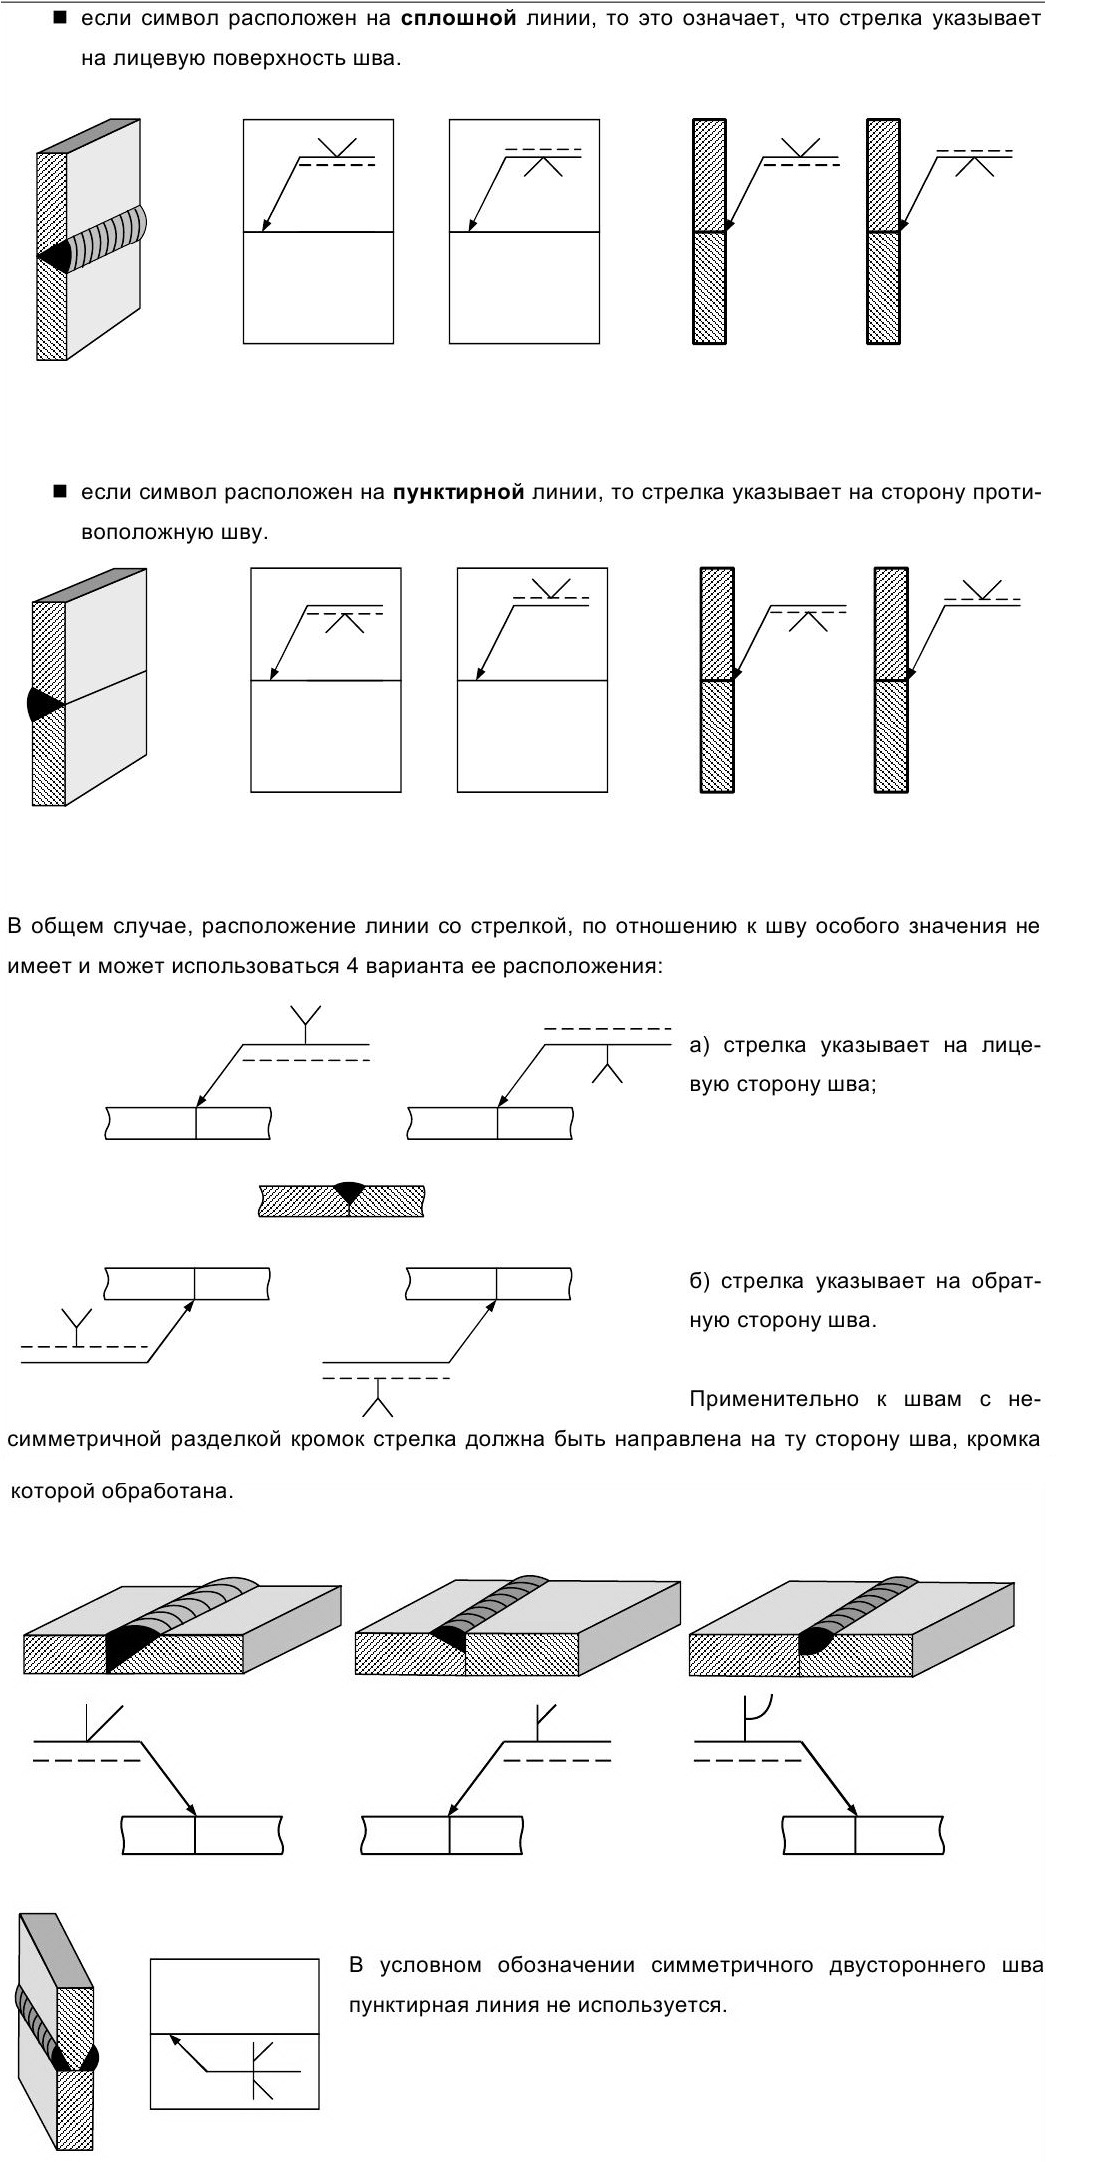 обозначение сварных швов, расположение обозначений сварных швов на чертежах